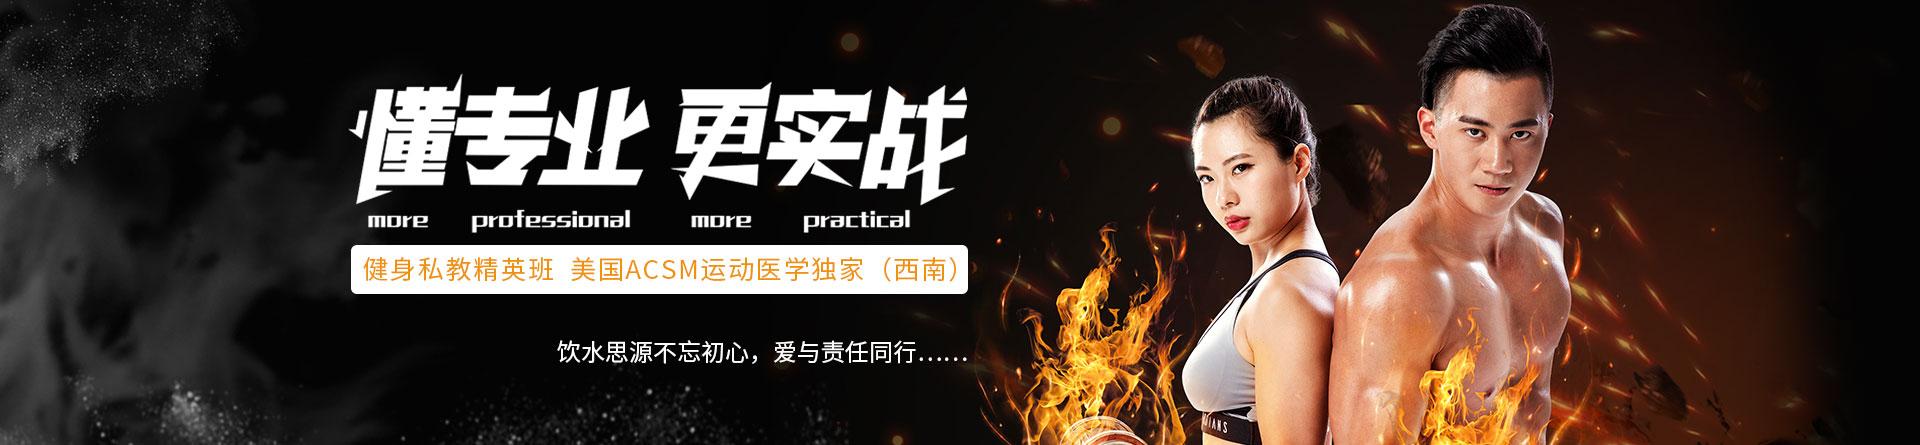 武汉鲨丘健身教练betway体育app学校 横幅广告